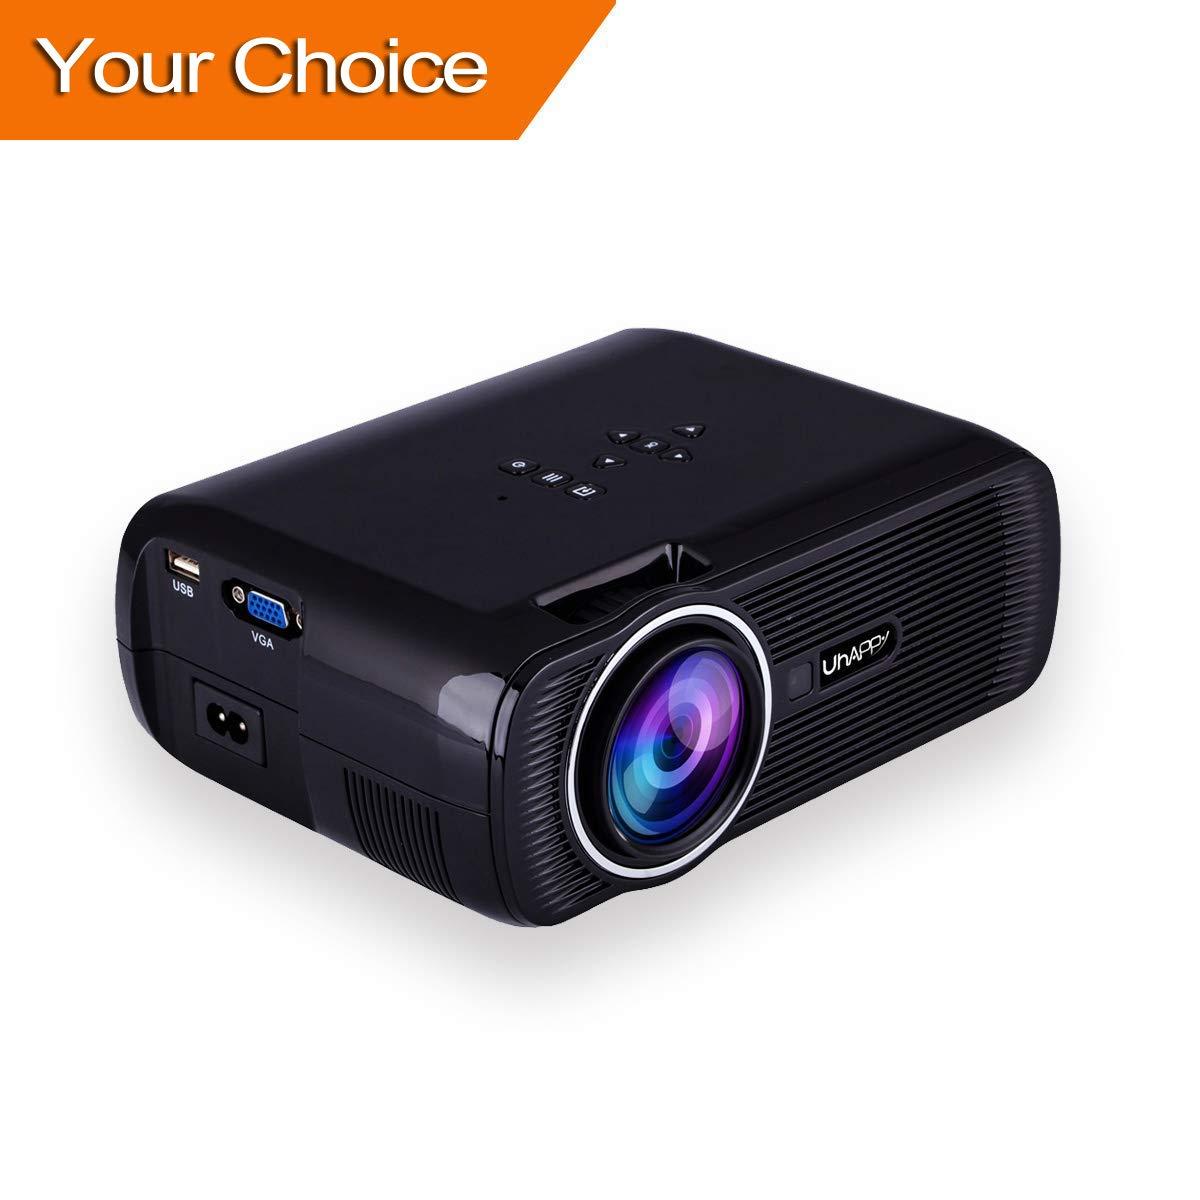 Proiettore LCD 3000 Lumen, TopRui Mini Video Proiettore Portatile per Home Cinema 1080P Full HD,Interfaccia VGA / HDMI / AV / USB / TF, Connessione a TV Stick / Console Giochi /Laptop / MacBook / TV